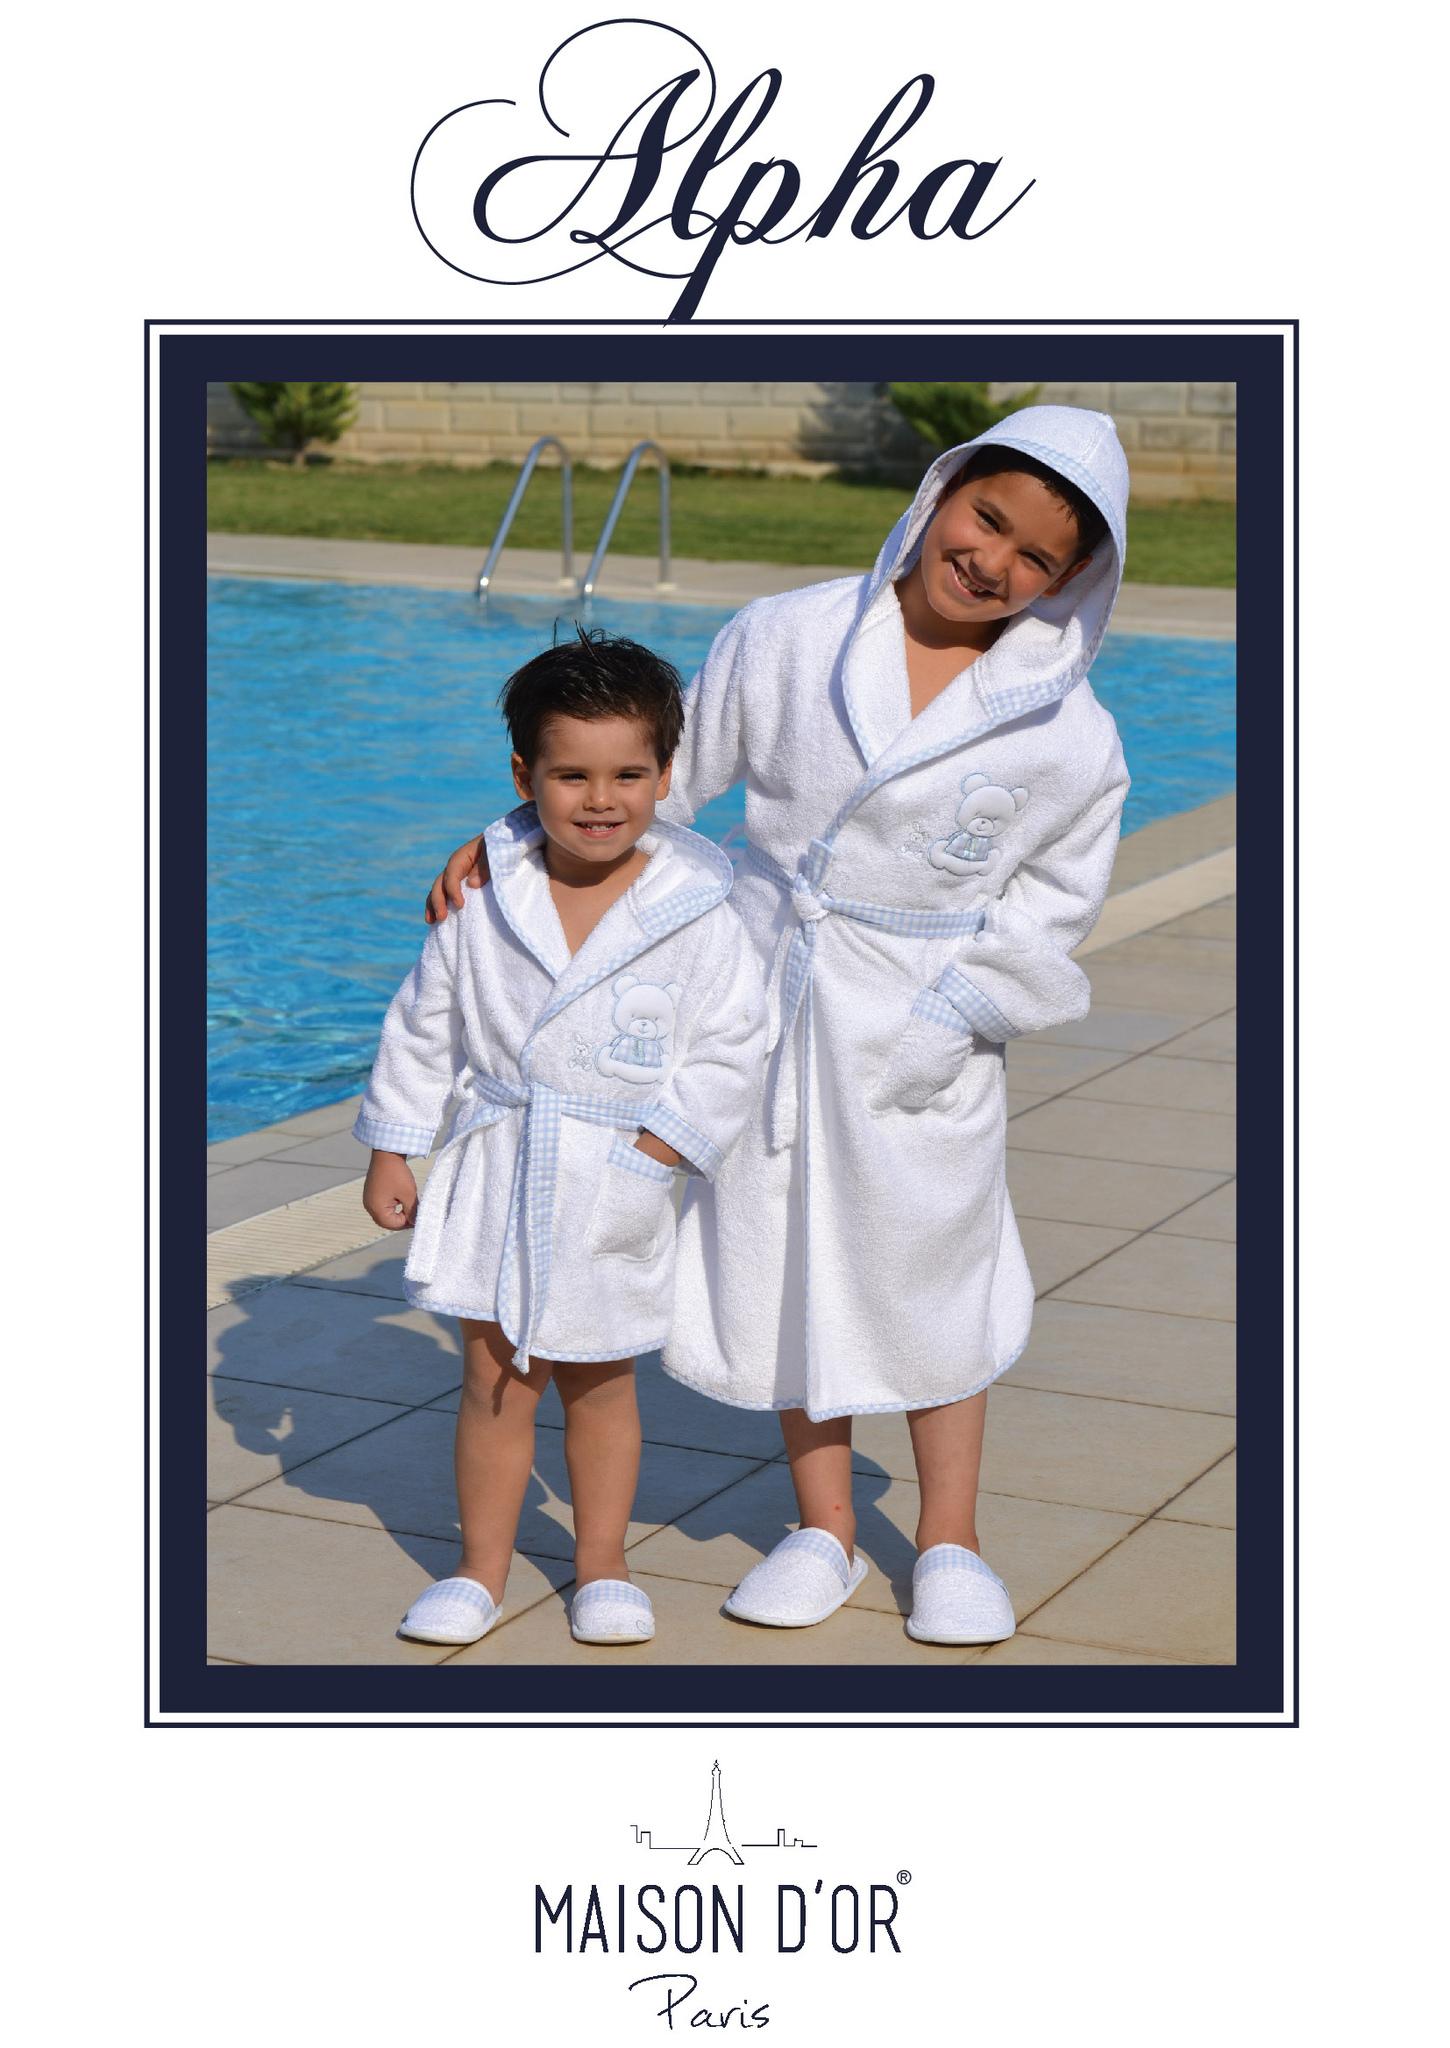 Халаты НАБОР Халат детский с тапочками  ALPHA  АЛЬФА  Maison Dor Турция Alpha_Cocuk.jpg